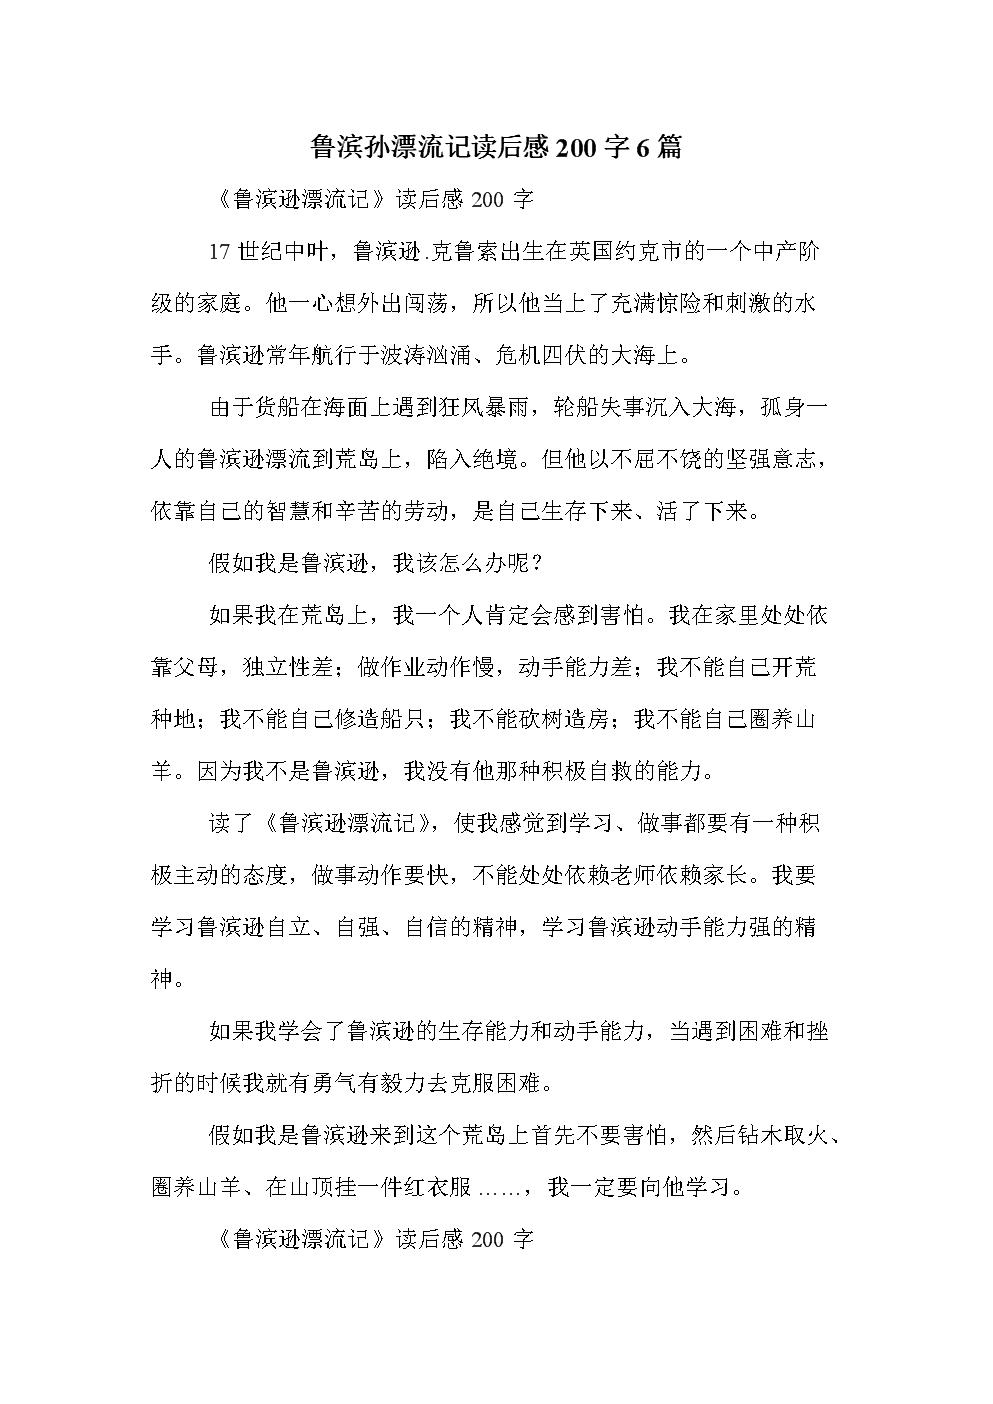 鲁滨孙漂流记读后感200字6篇 .doc